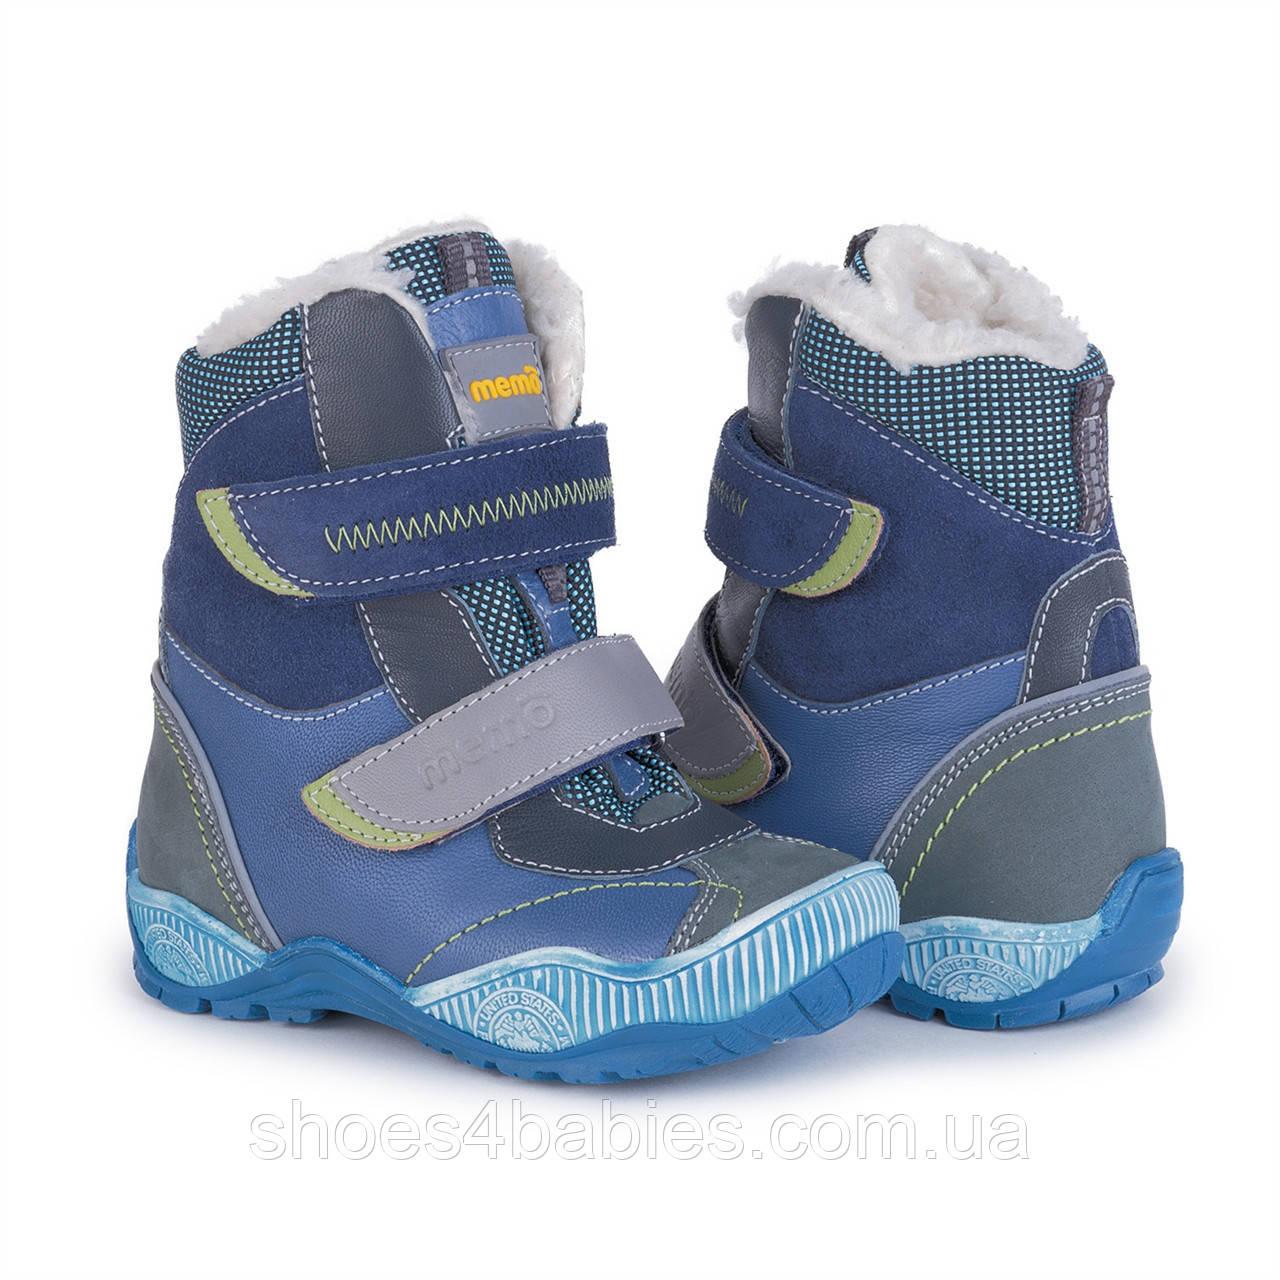 Memo Aspen 1DA - ортопедичні Зимові черевики для дітей (сині)